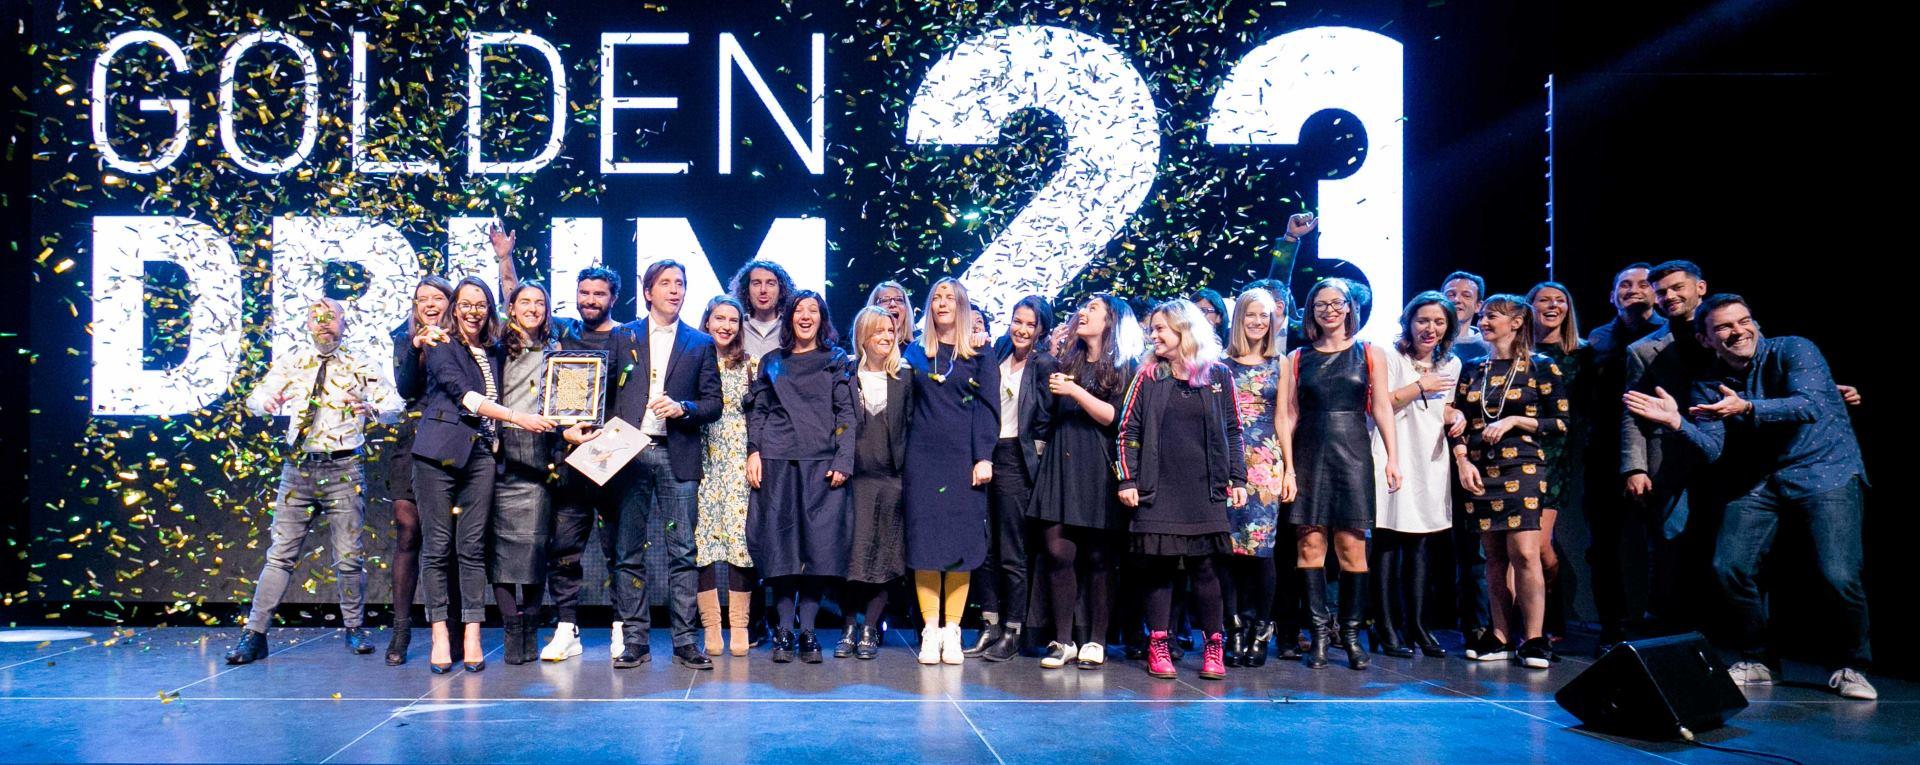 GOLDEN DRUM McCann Worldgroup po treći put u četiri godine osvojio naslov 'Agencijska mreža godine'